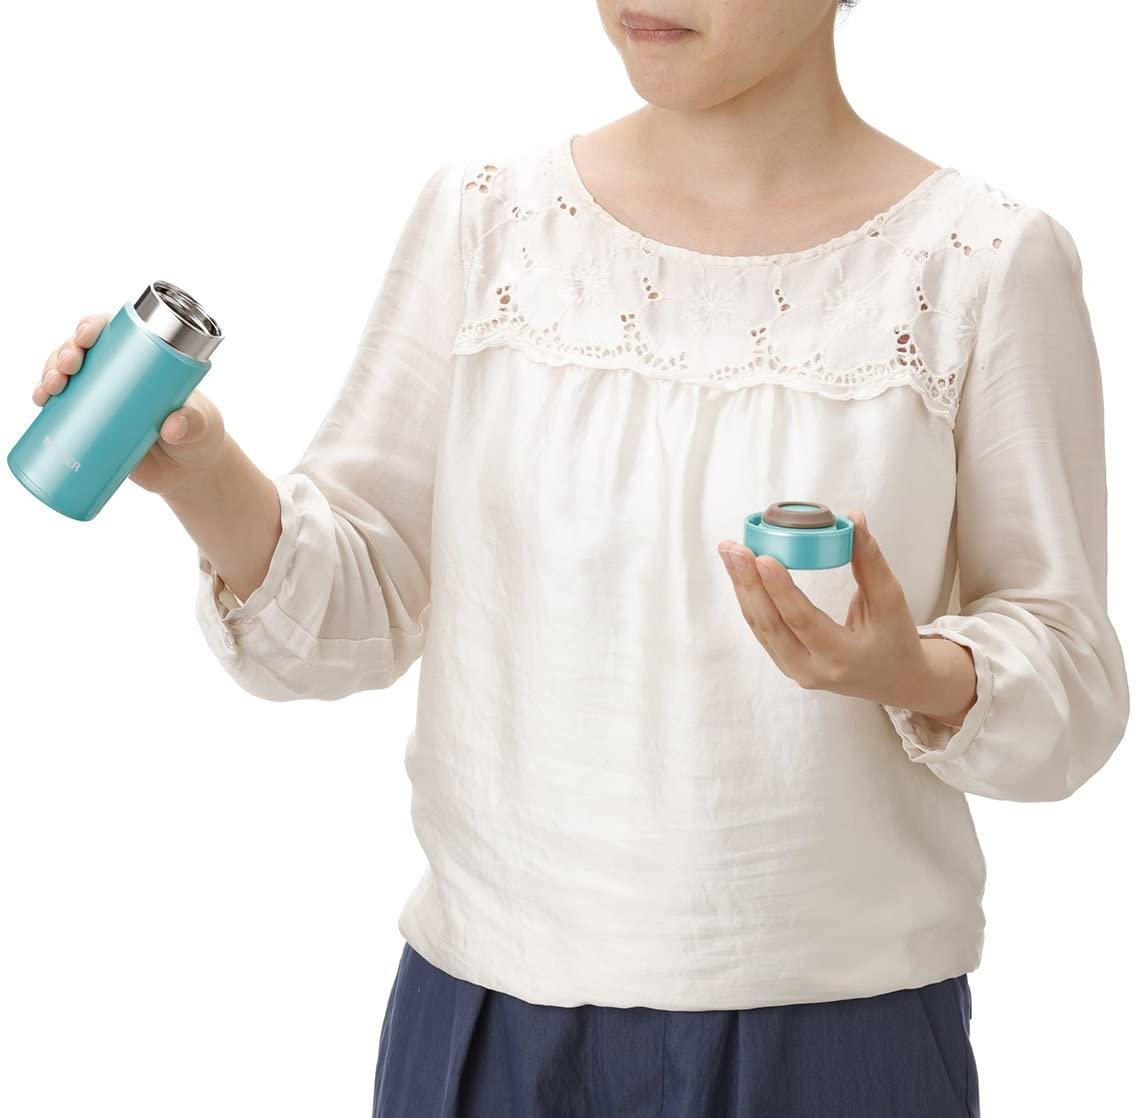 タイガー魔法瓶(たいがーまほうびん)ステンレスミニボトル MMP-J020の商品画像9